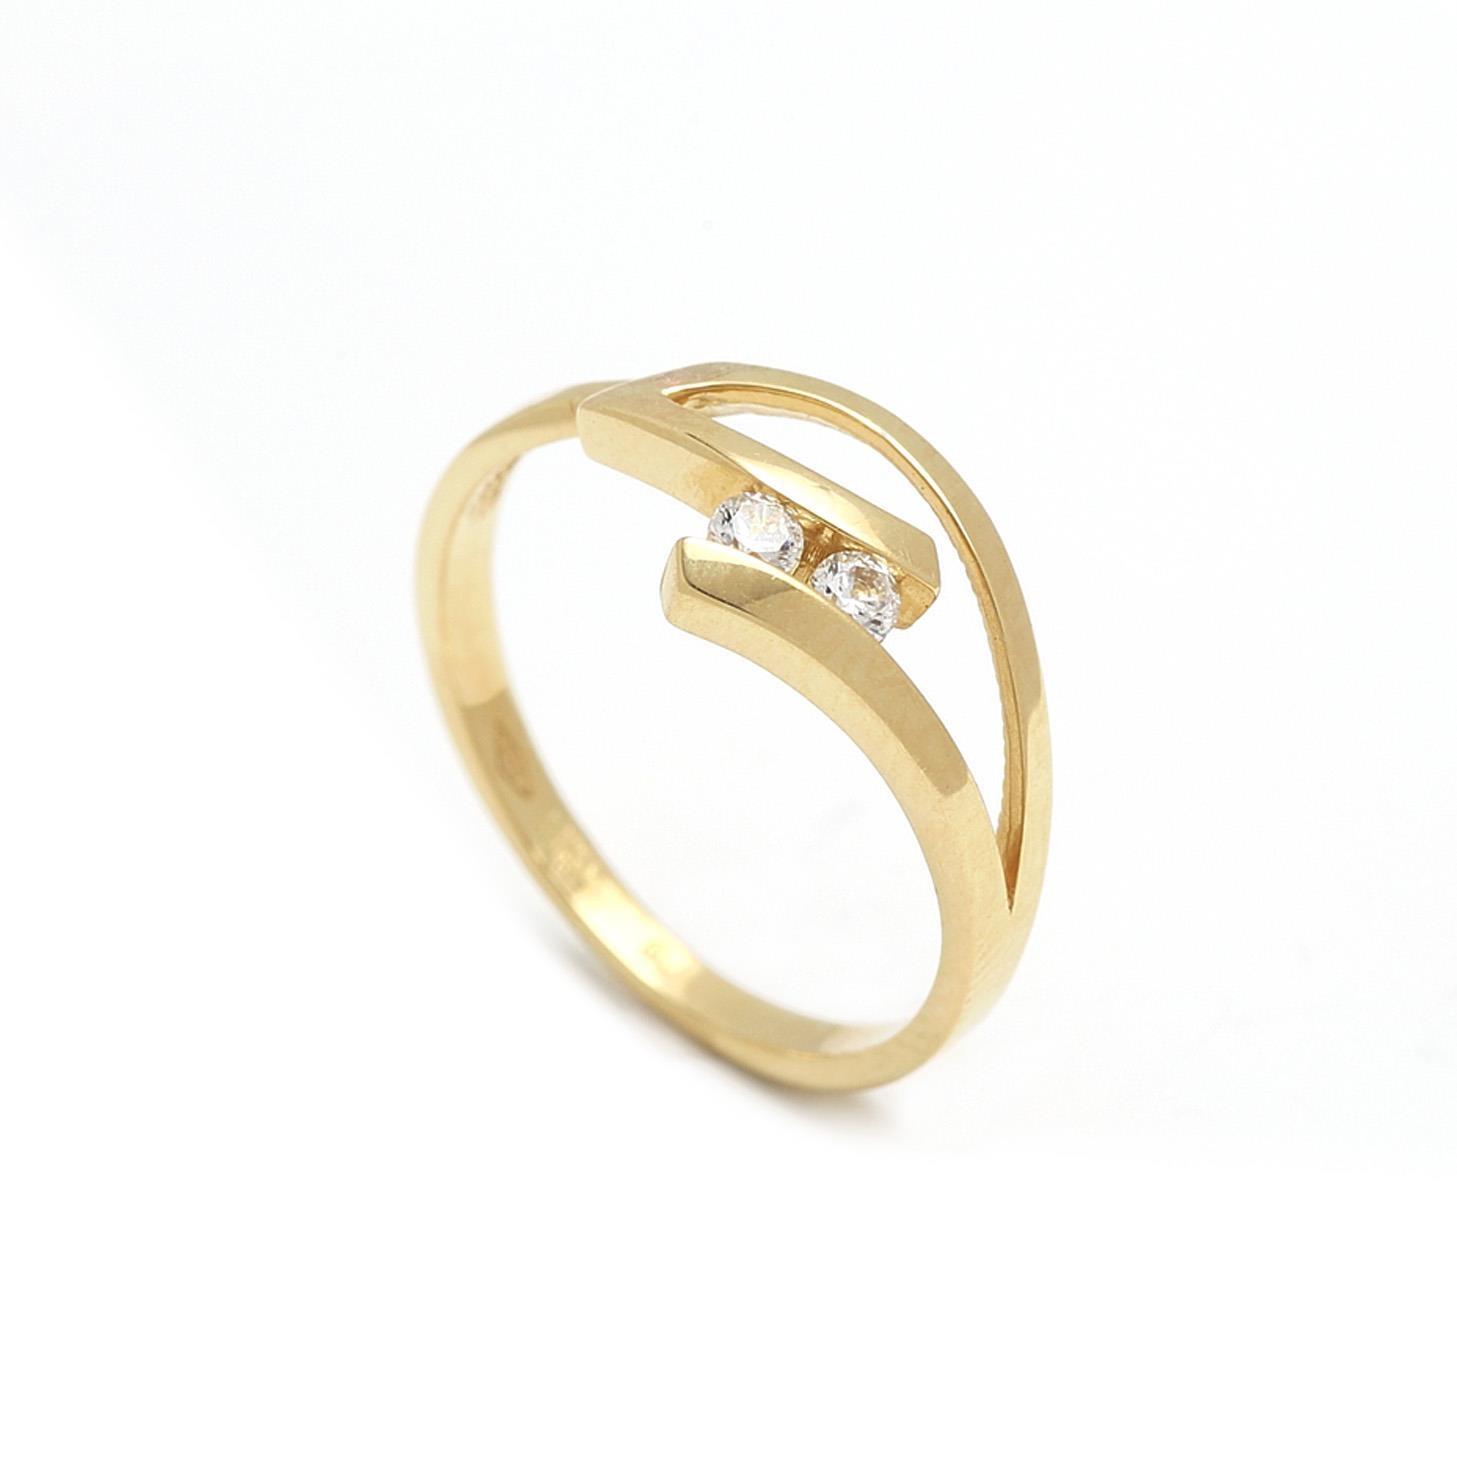 Zlatý dámsky prsteň FRANCA